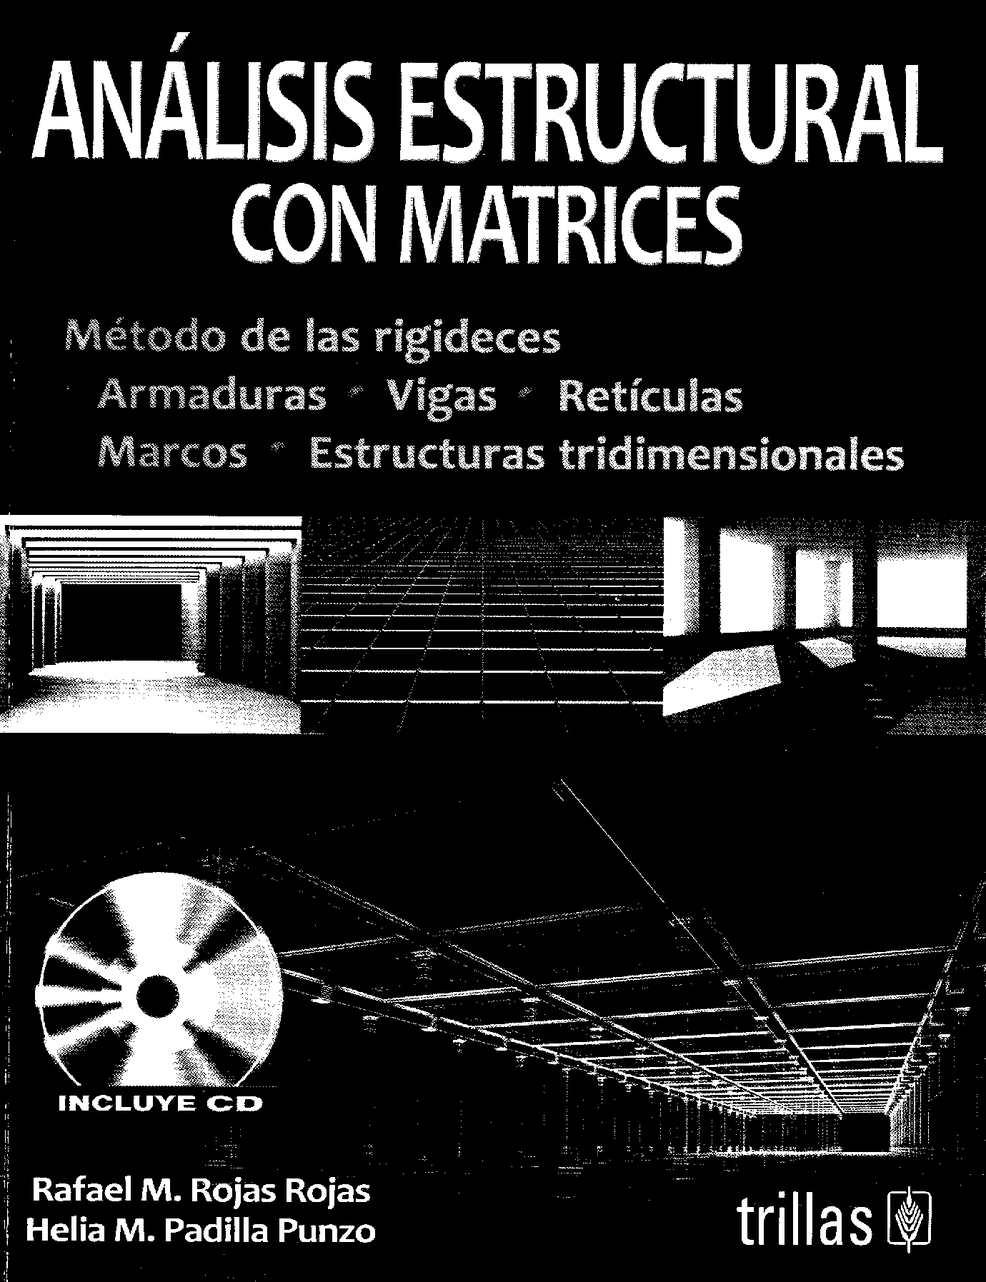 Analisis Estructural Con Matrices Rafael M Rojas (1)